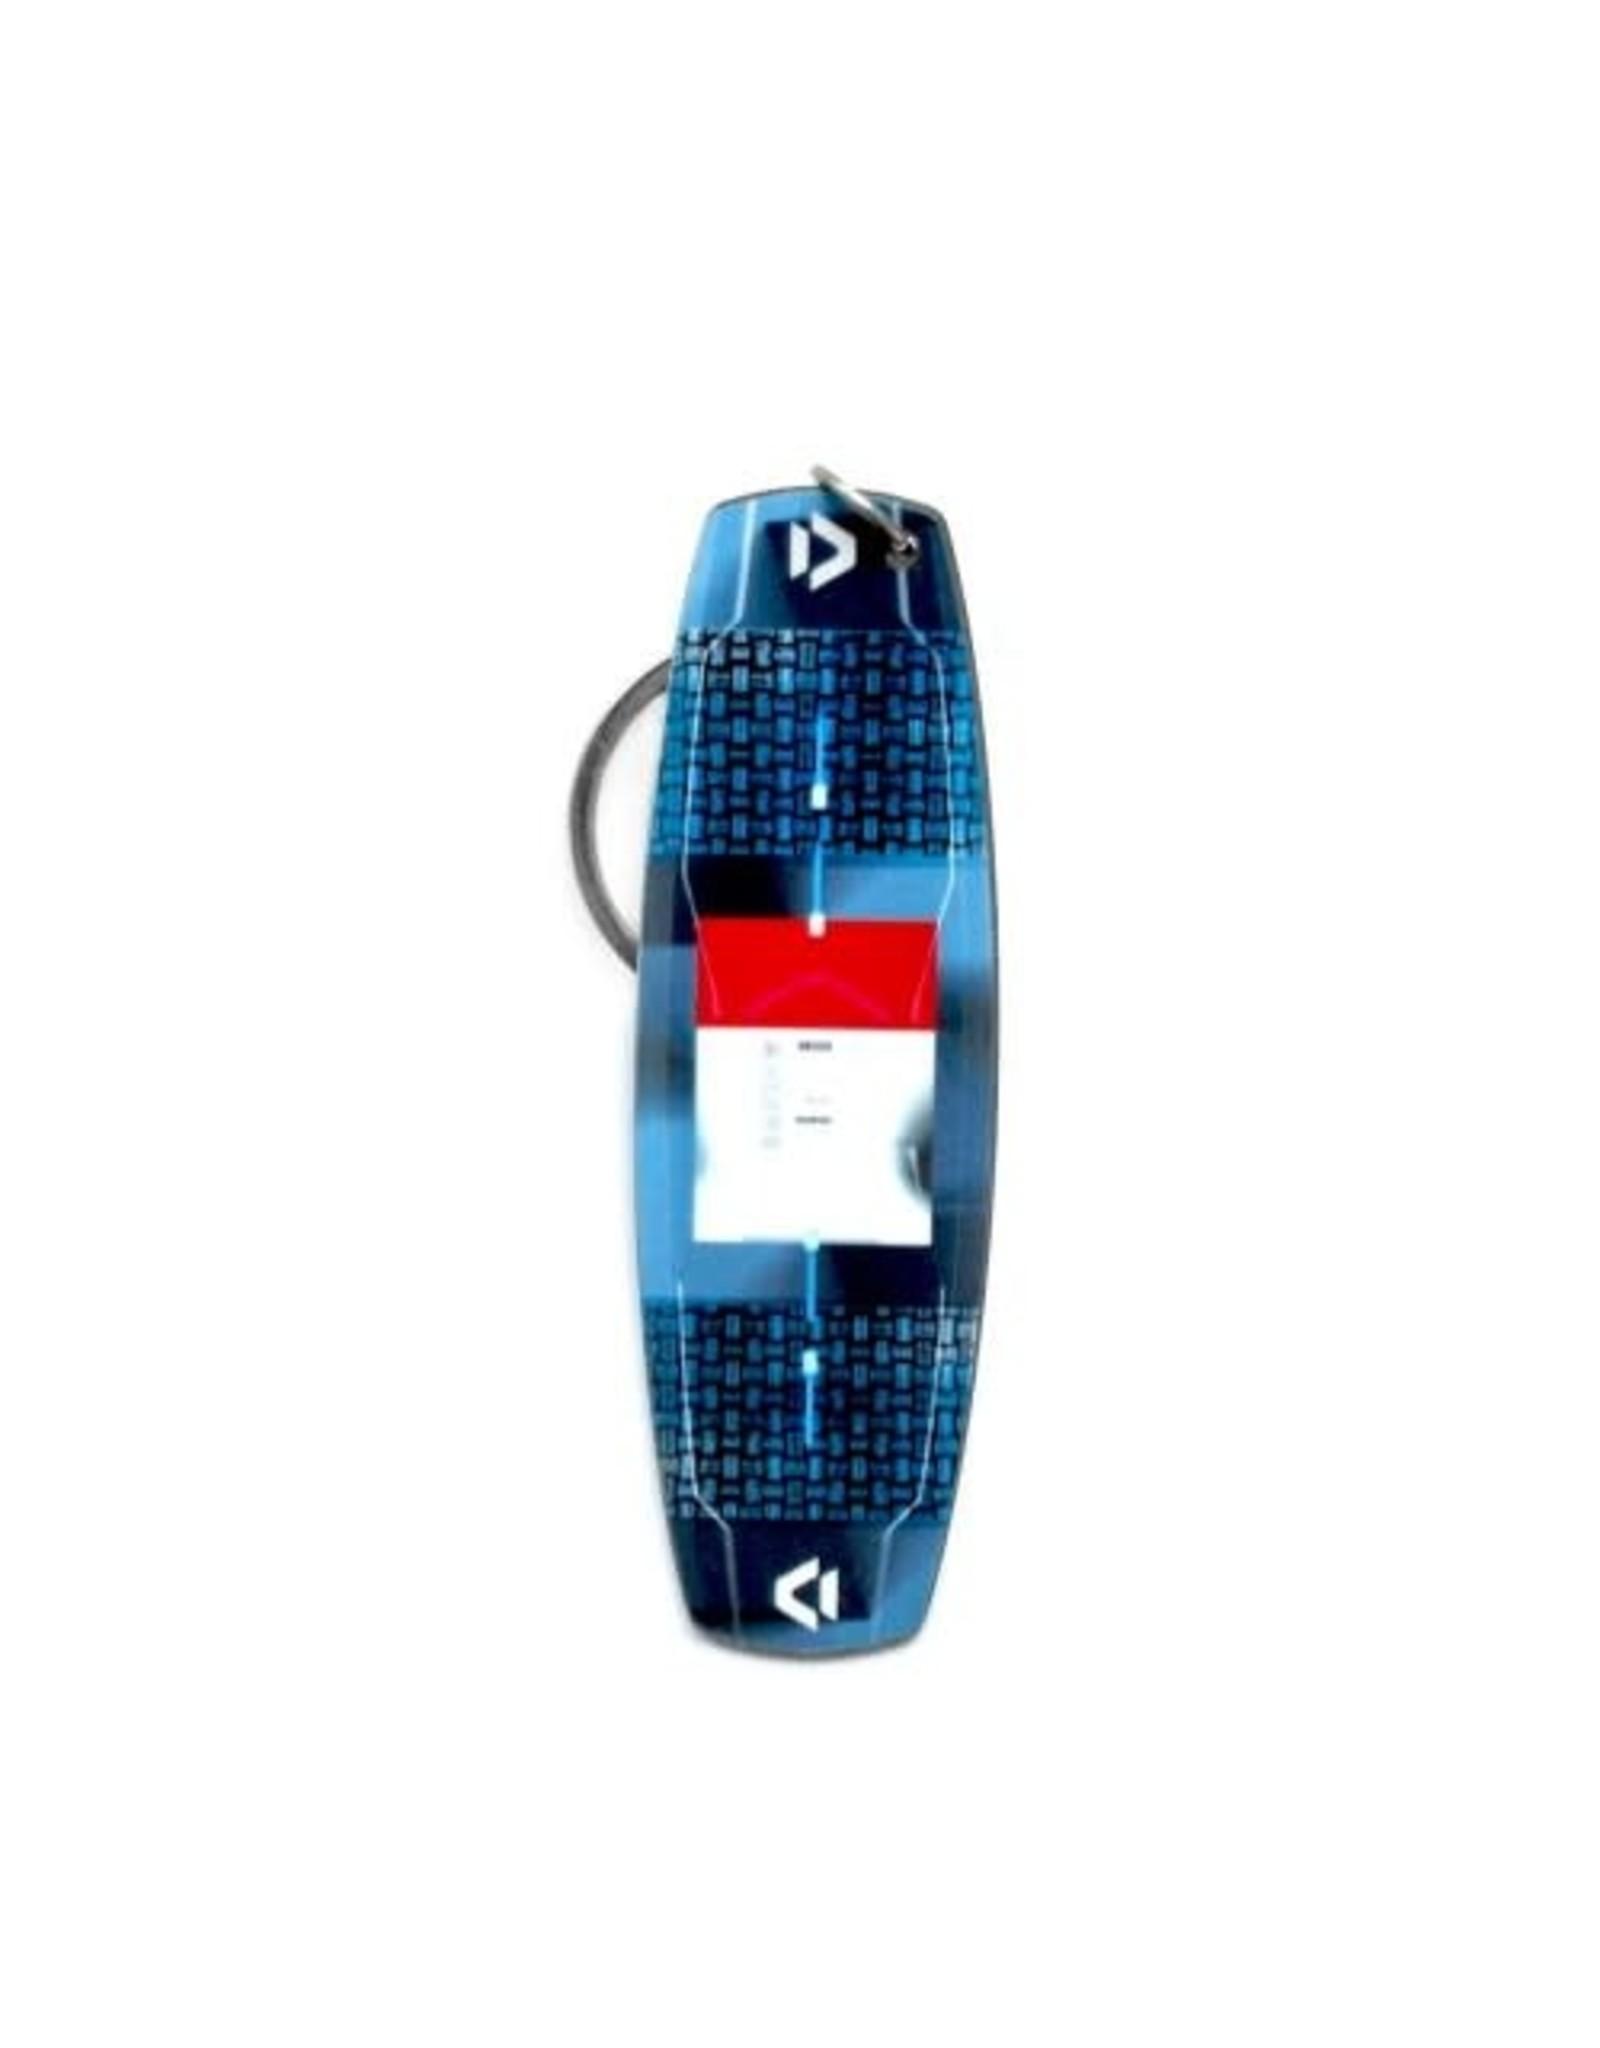 Air Freshener Duotone TS Hadlow Textreme Keychain